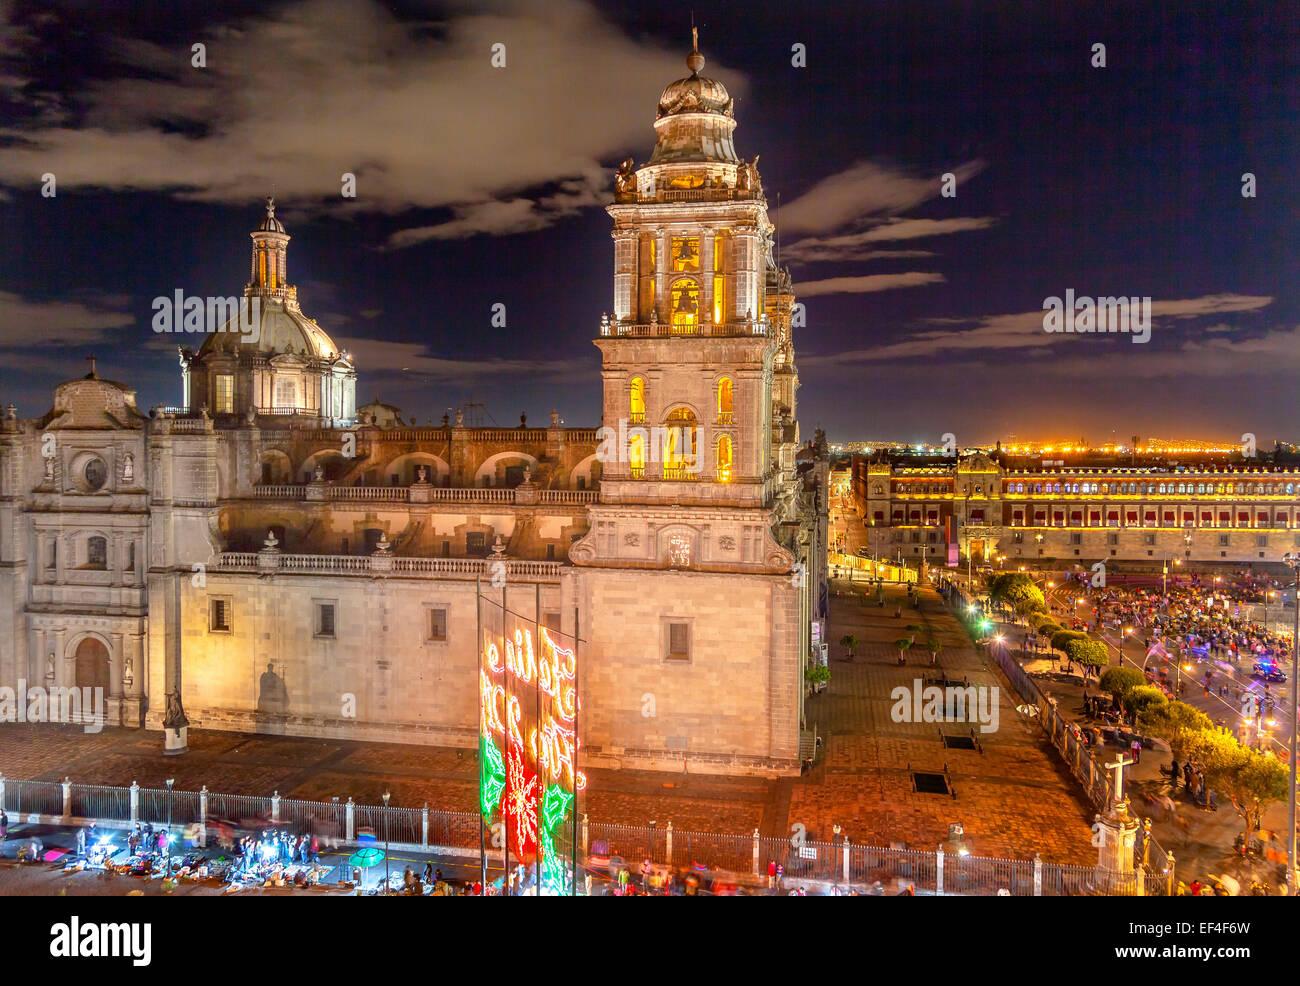 Cathédrale Métropolitaine et le palais présidentiel au Zocalo, Centre de Mexico, la nuit Photo Stock